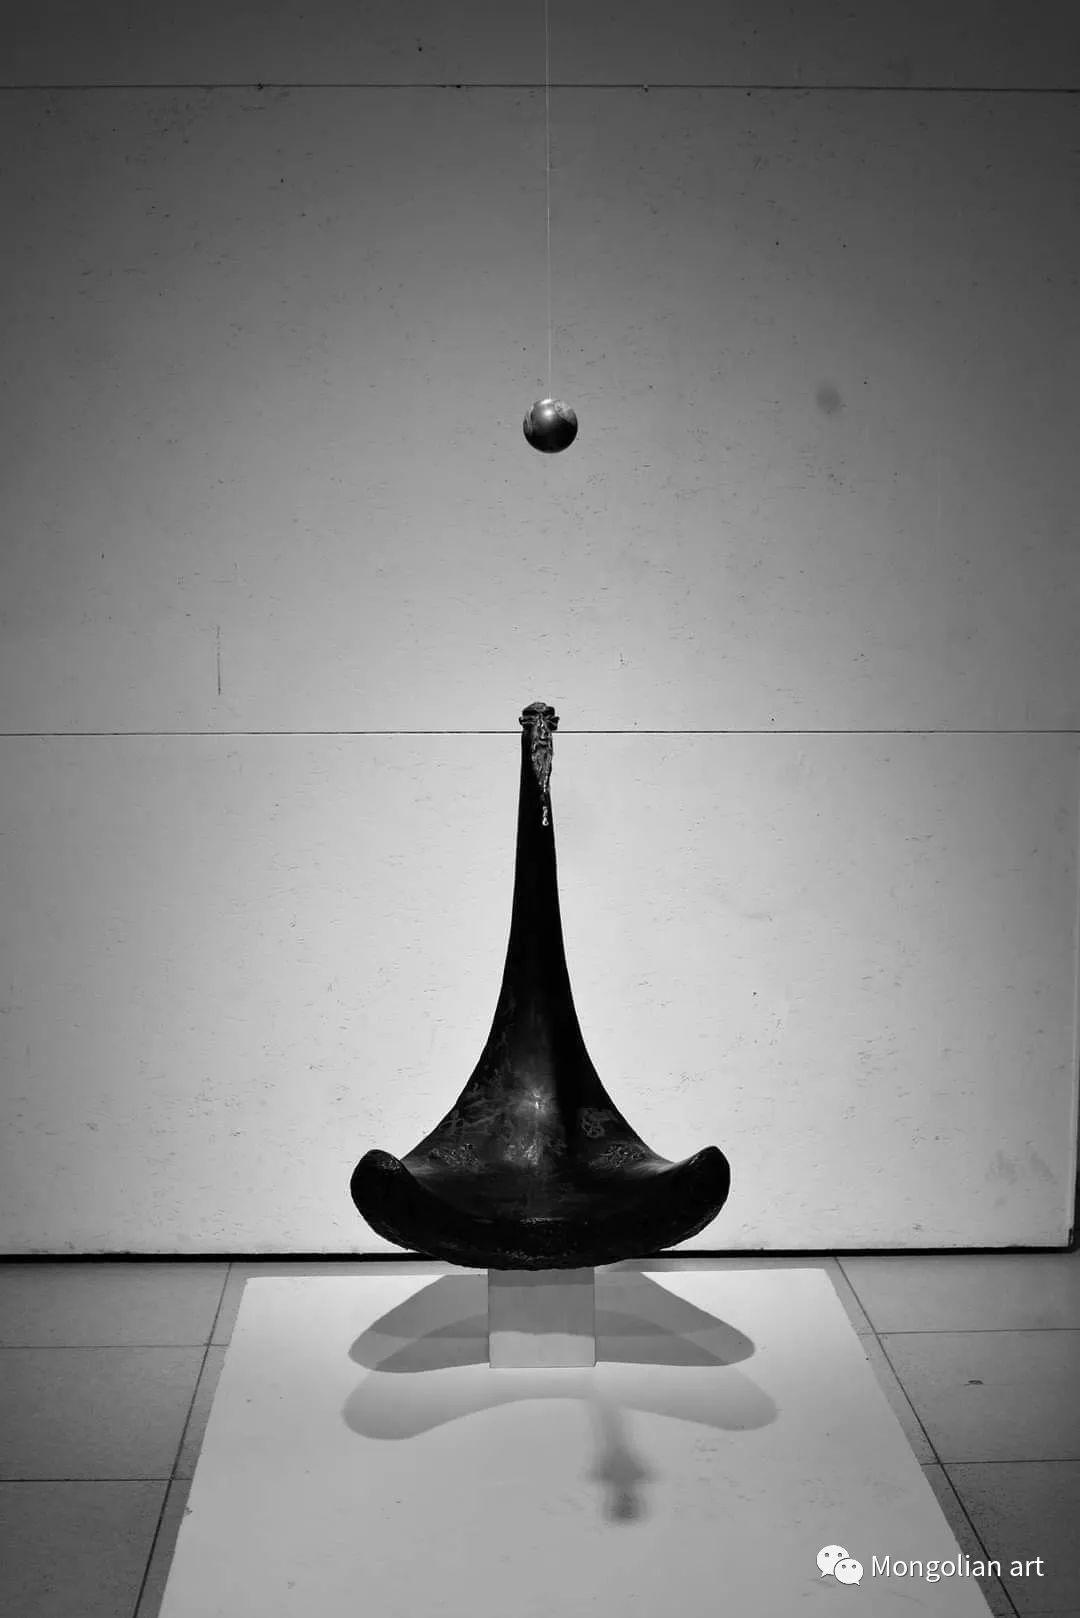 蒙古国美术家协会会员雕塑家 Davaadorj Ankhbayar 第14张 蒙古国美术家协会会员雕塑家 Davaadorj Ankhbayar 蒙古画廊